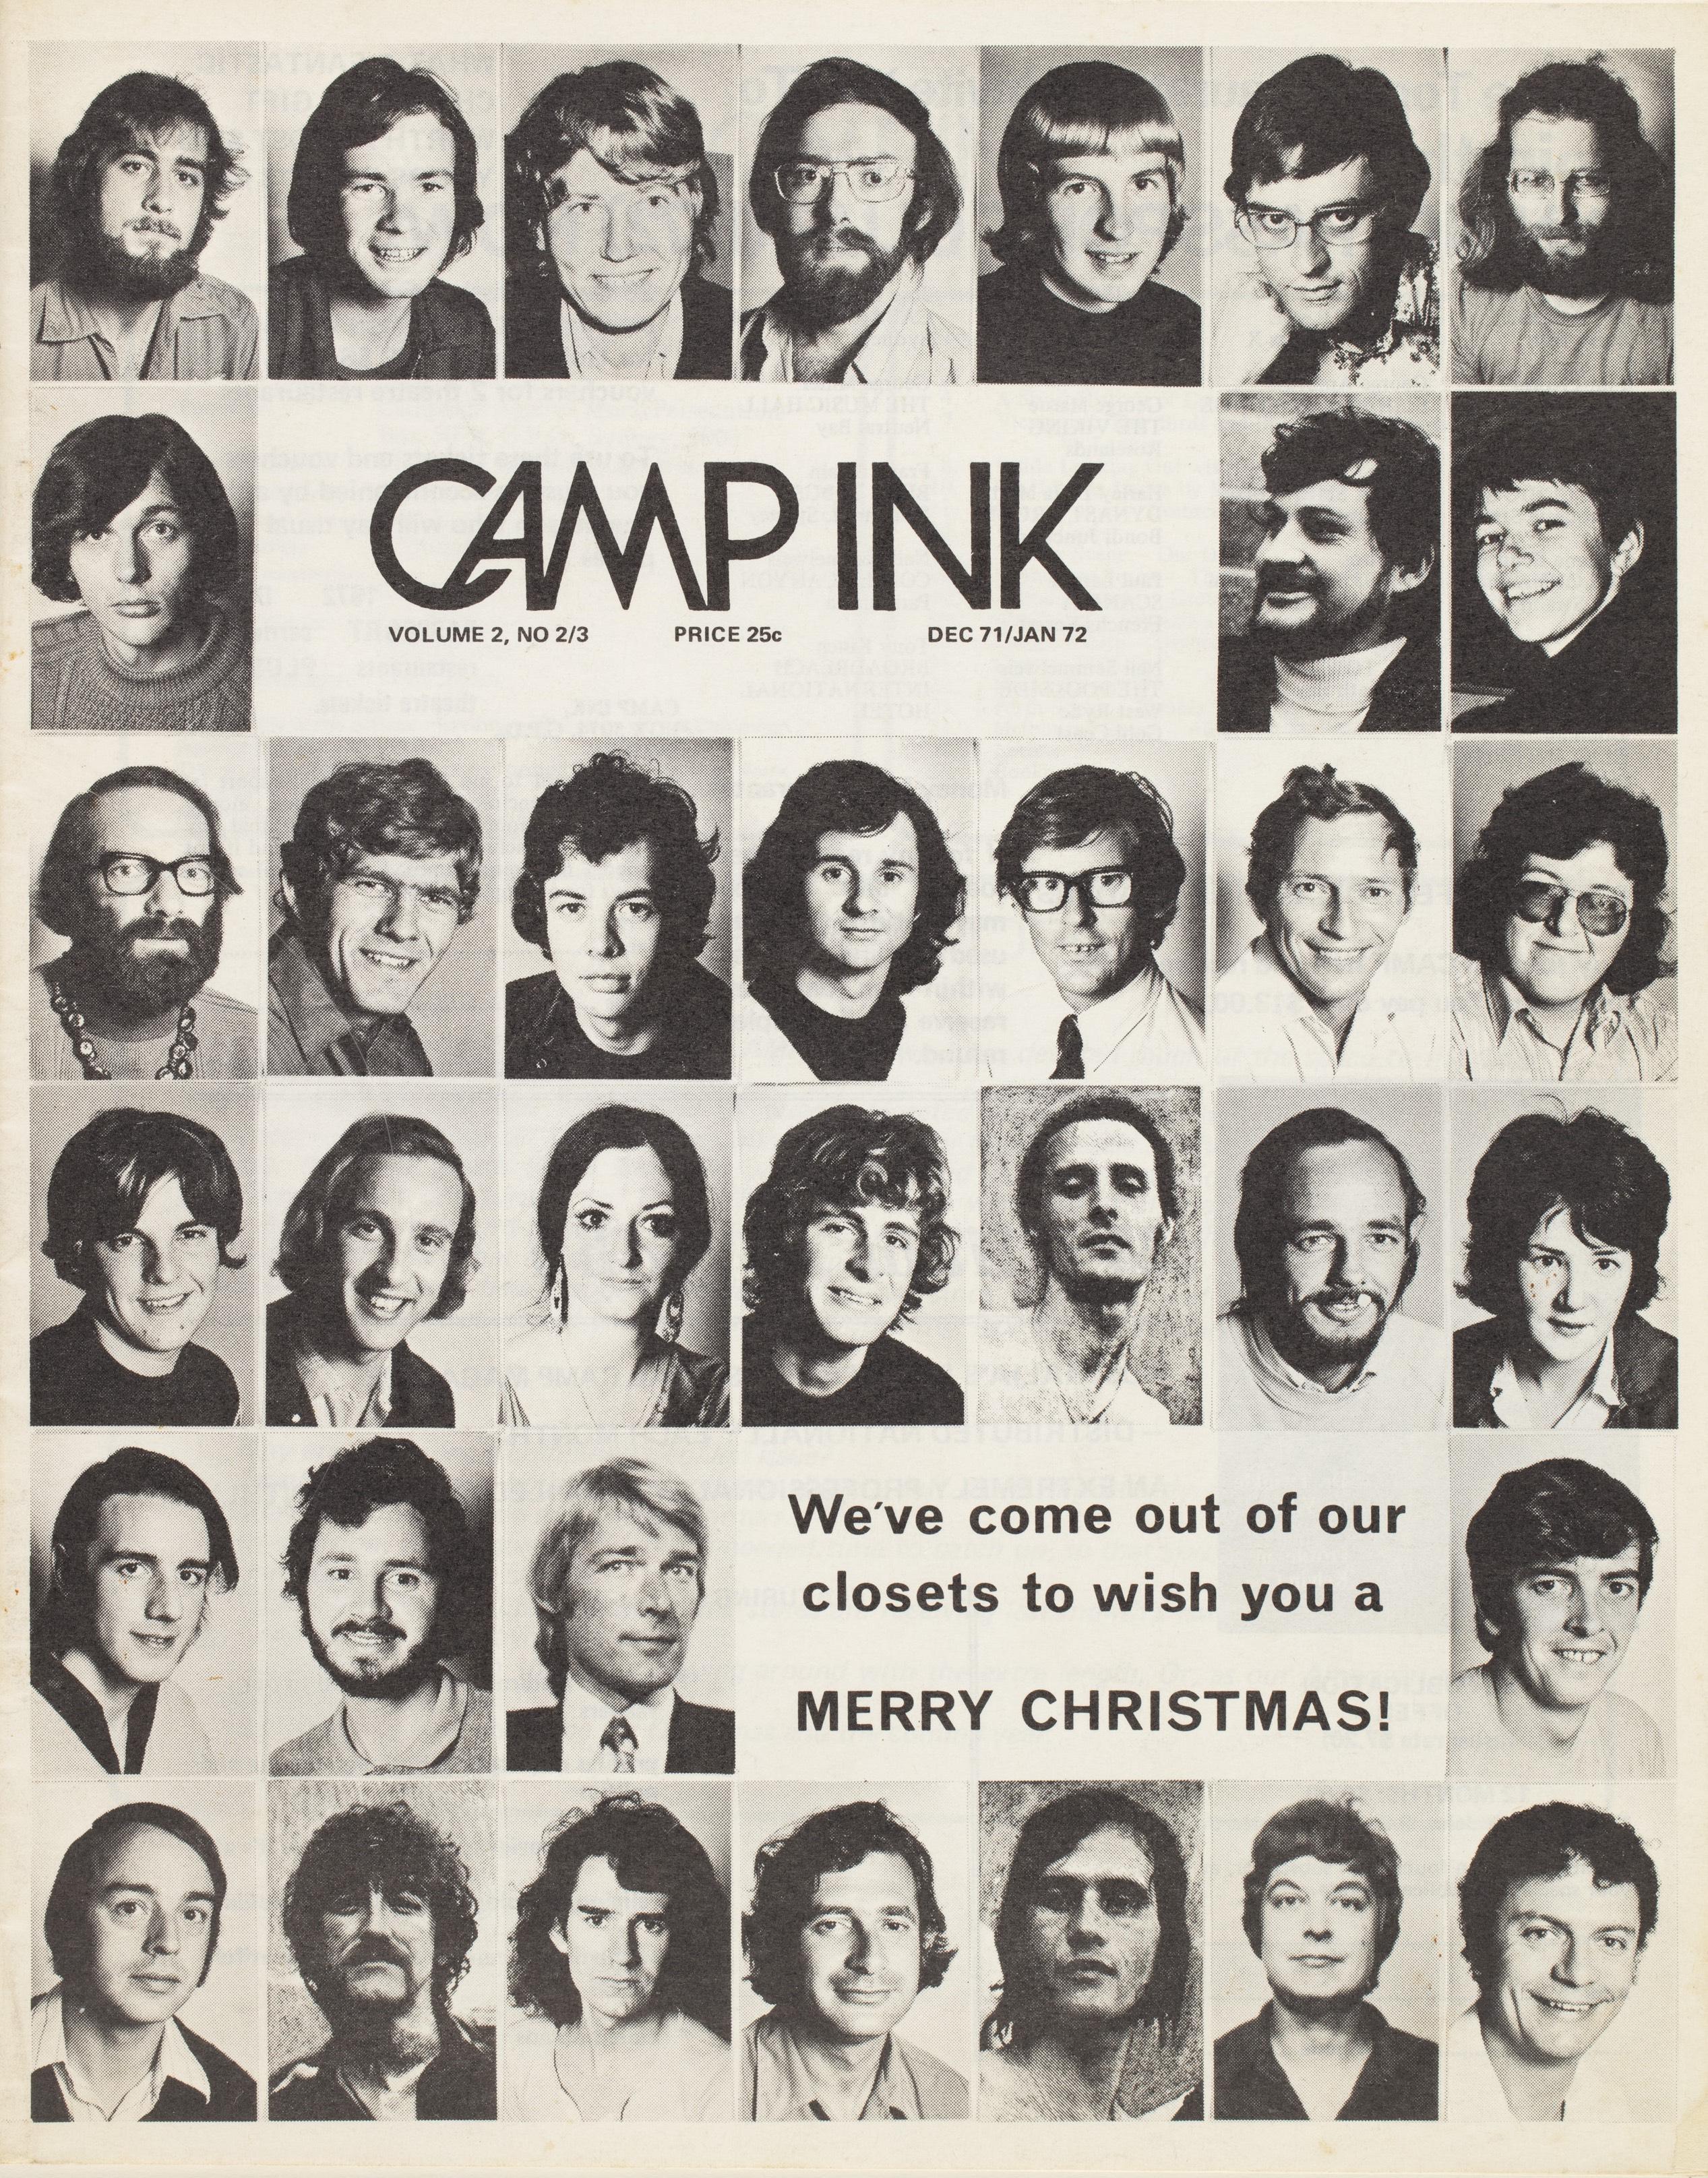 CAMP Ink cover, December 1971